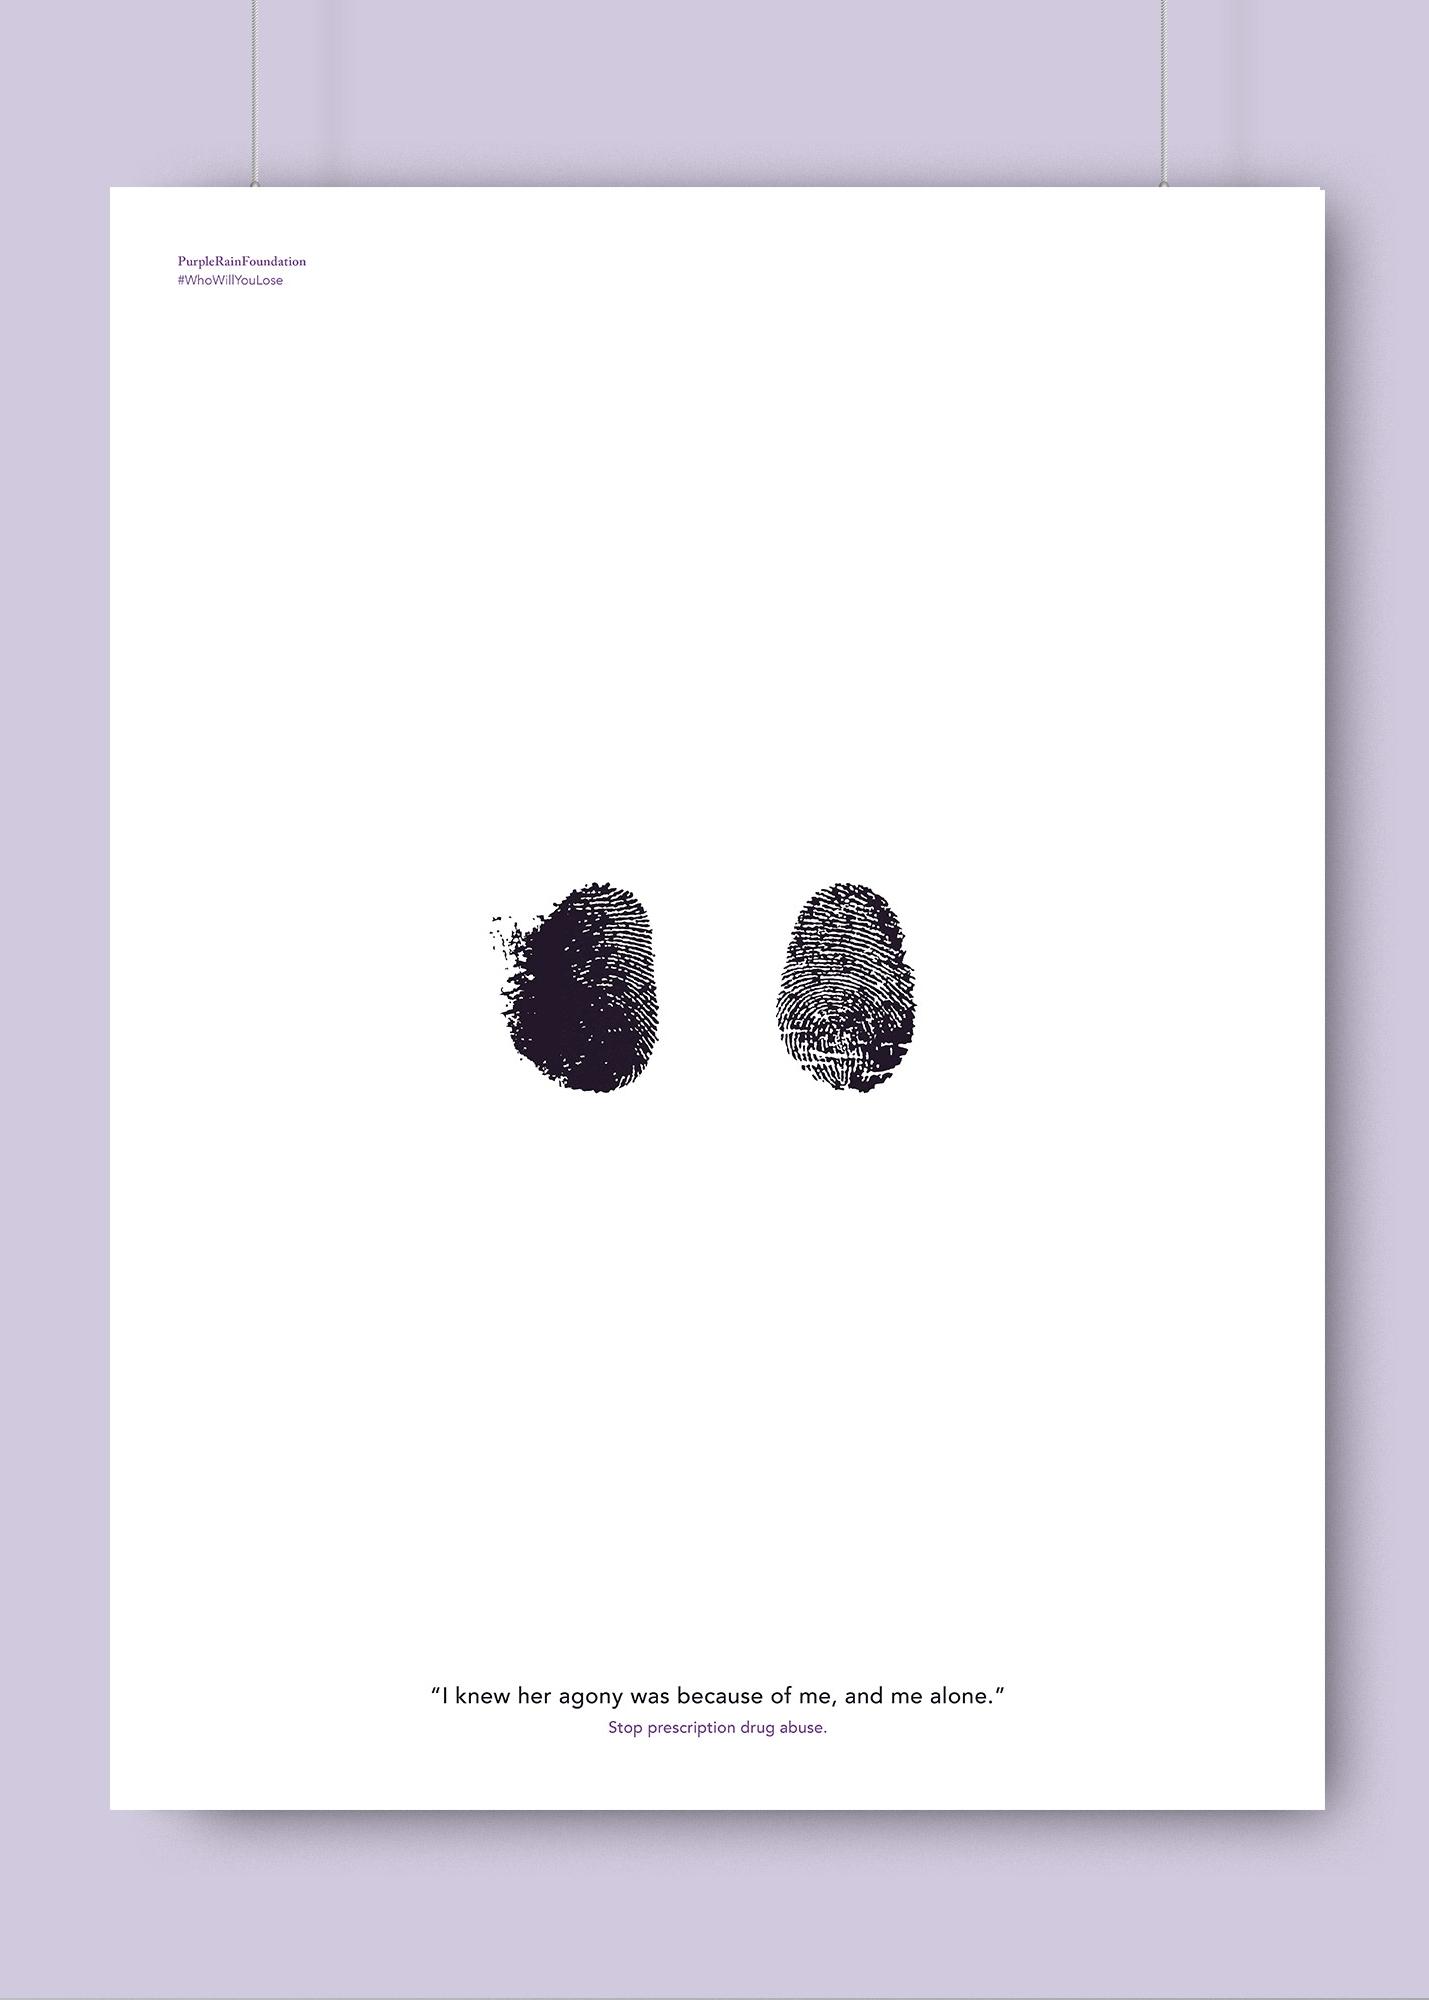 drug_campaign_poster2.jpg